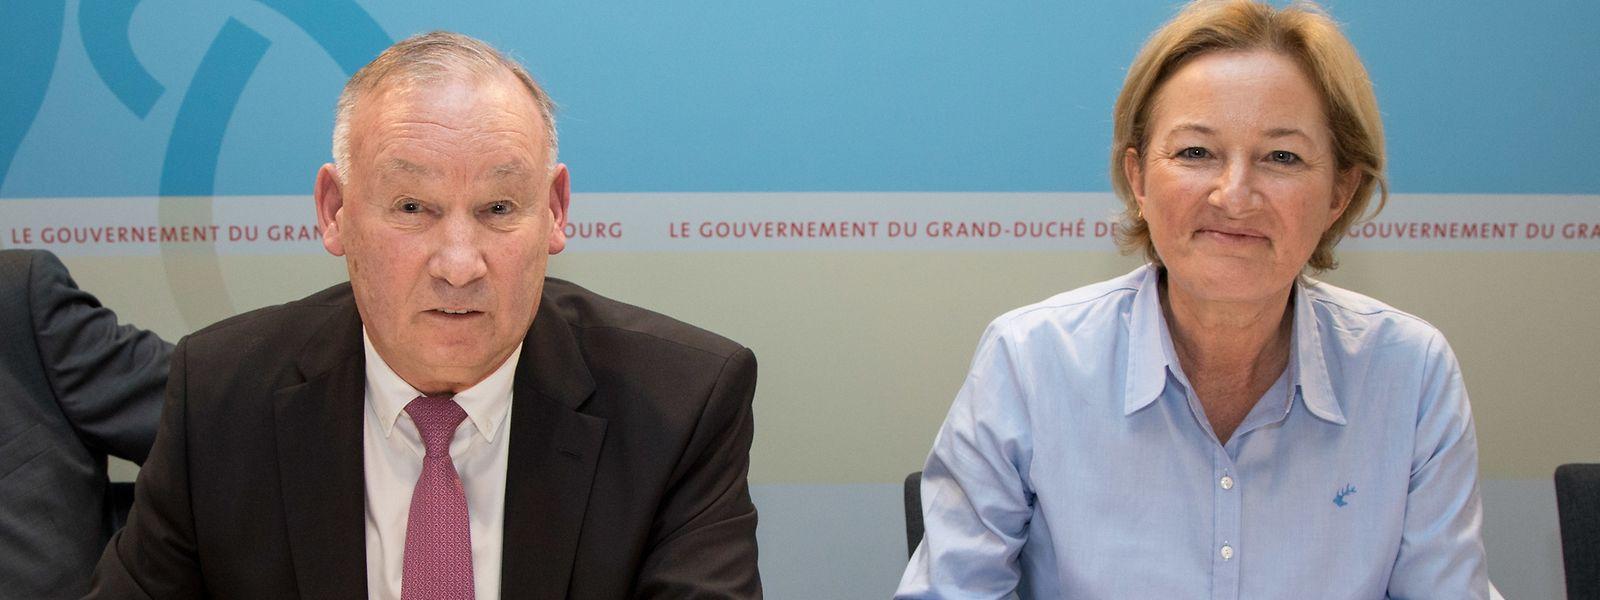 Fröhliche Gesichter beim Treffen im Ministerium: Die Ministerin für Verbraucherschutz Paulette Lenert (rechts) und ULC-Präsident Nico Hoffmann haben am Mittwoch die Konvention unterschrieben.